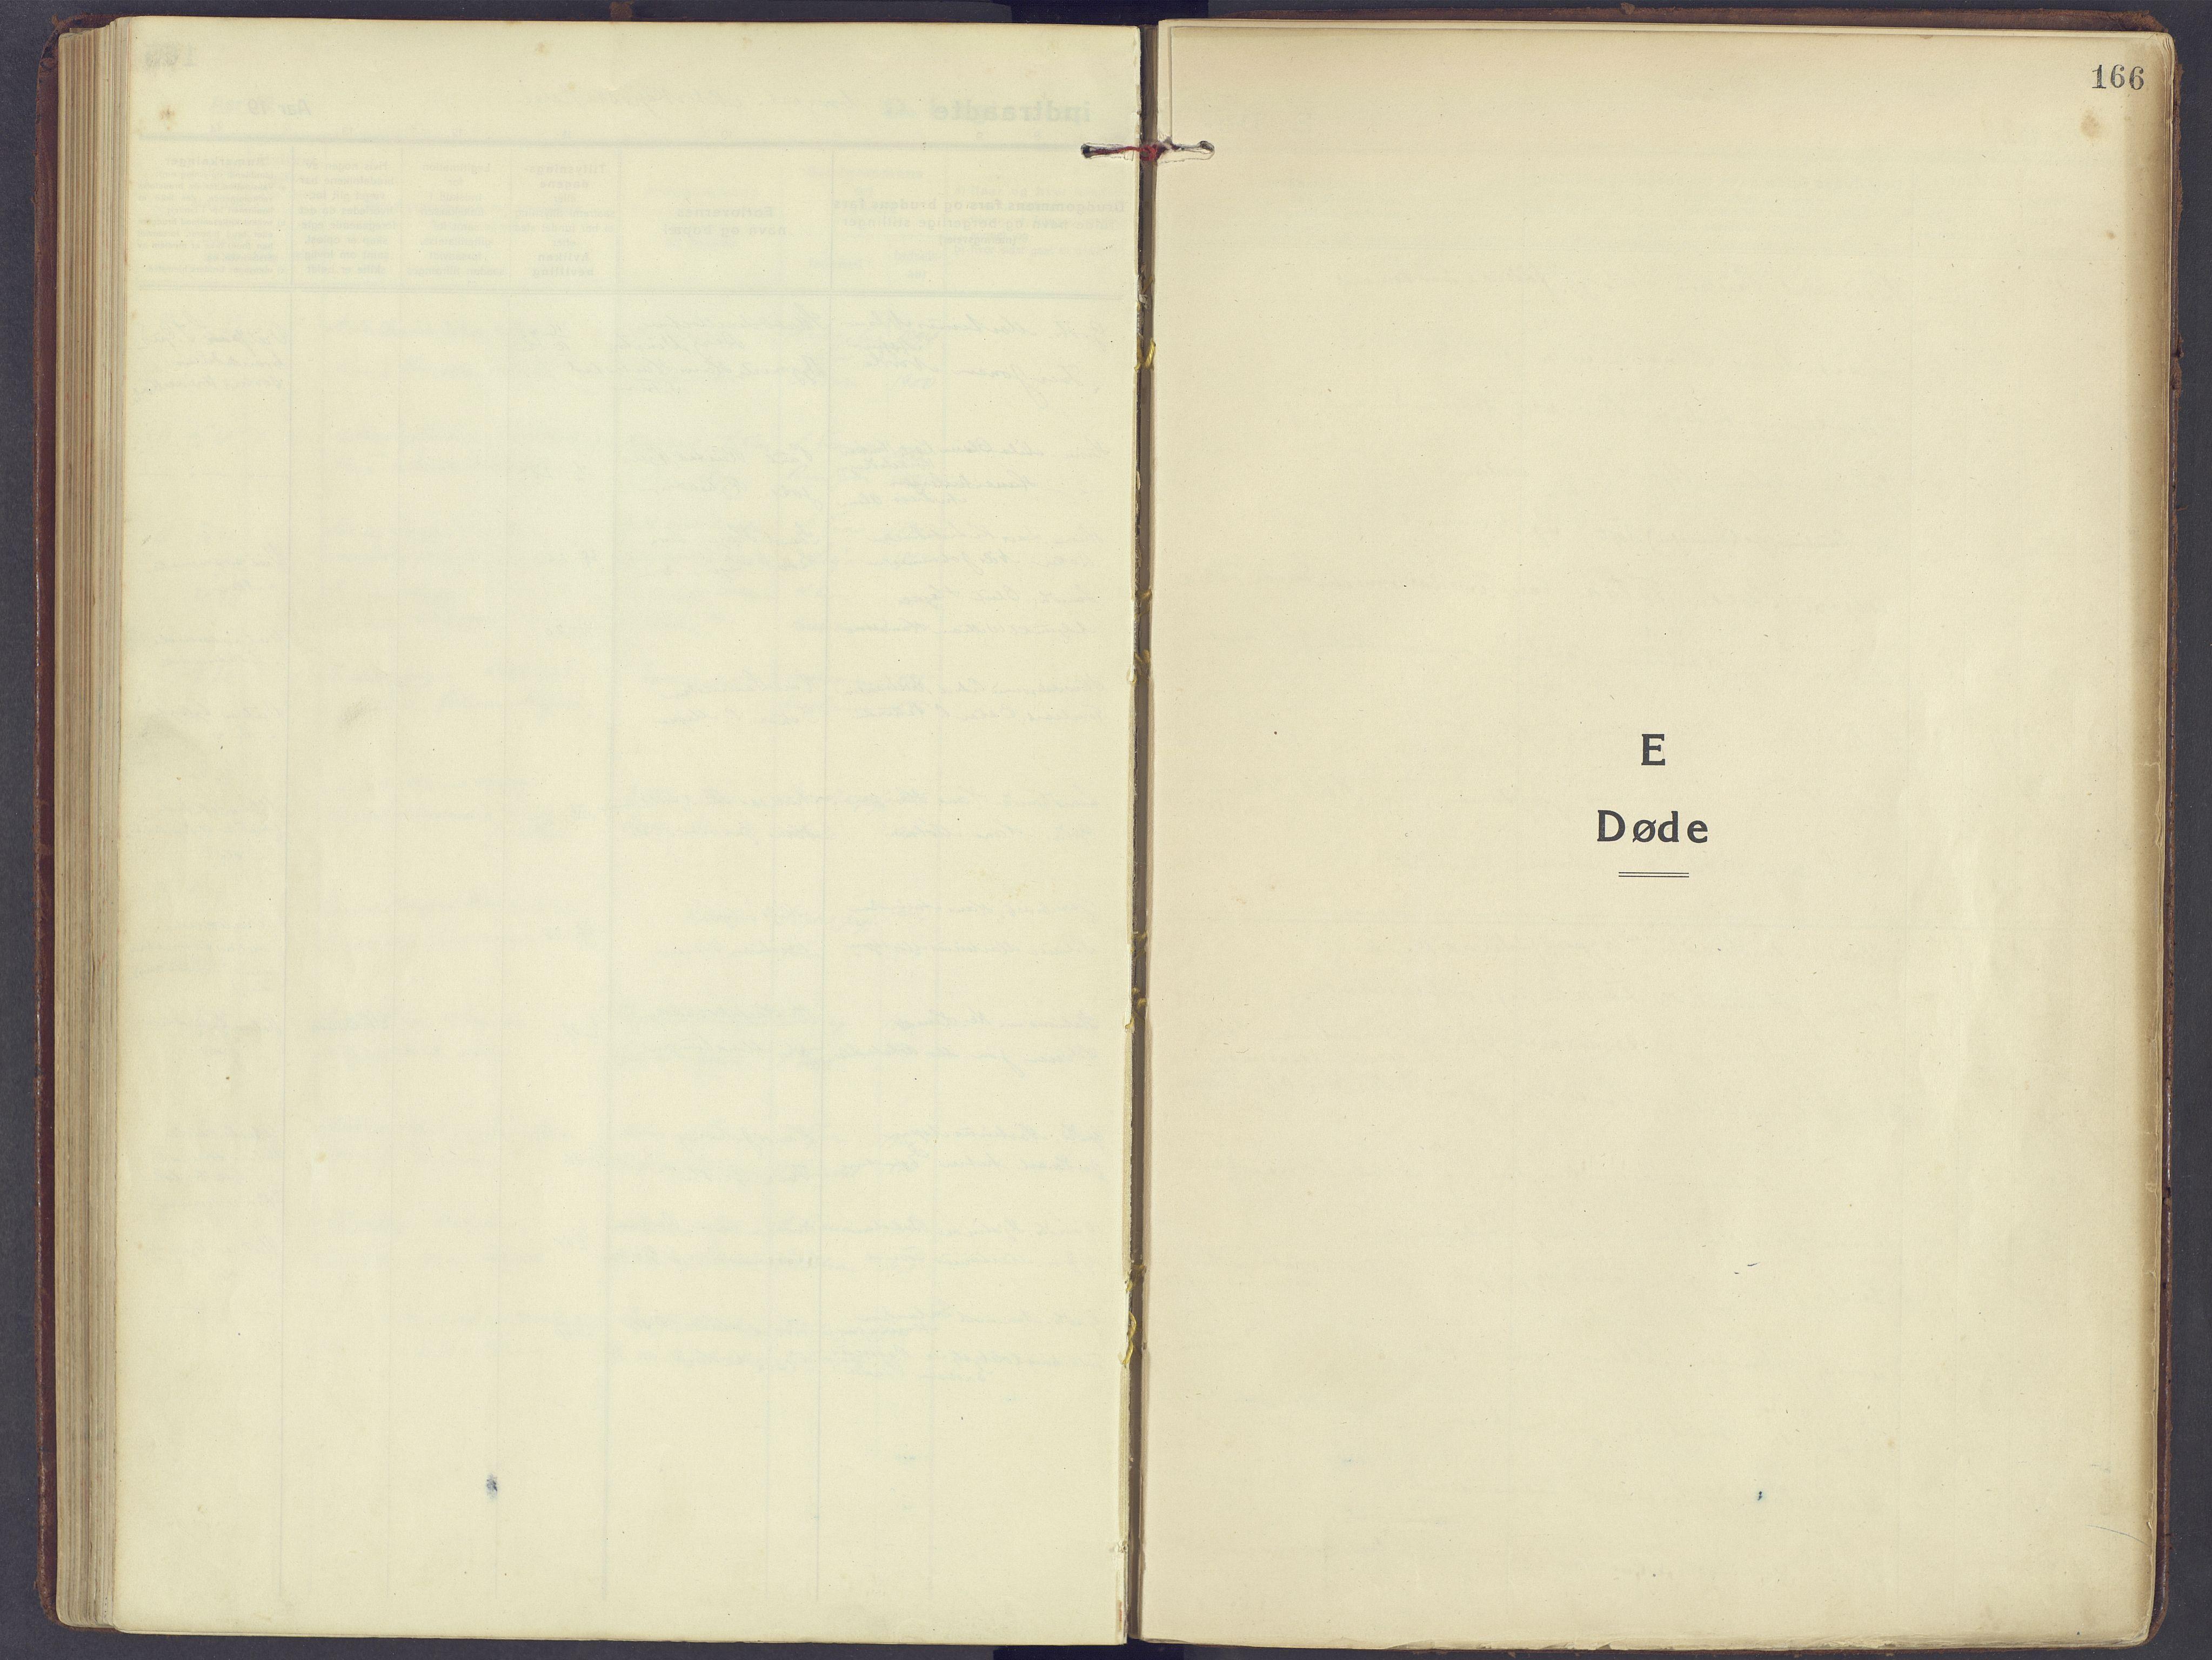 SAH, Sør-Fron prestekontor, H/Ha/Haa/L0005: Parish register (official) no. 5, 1920-1933, p. 166